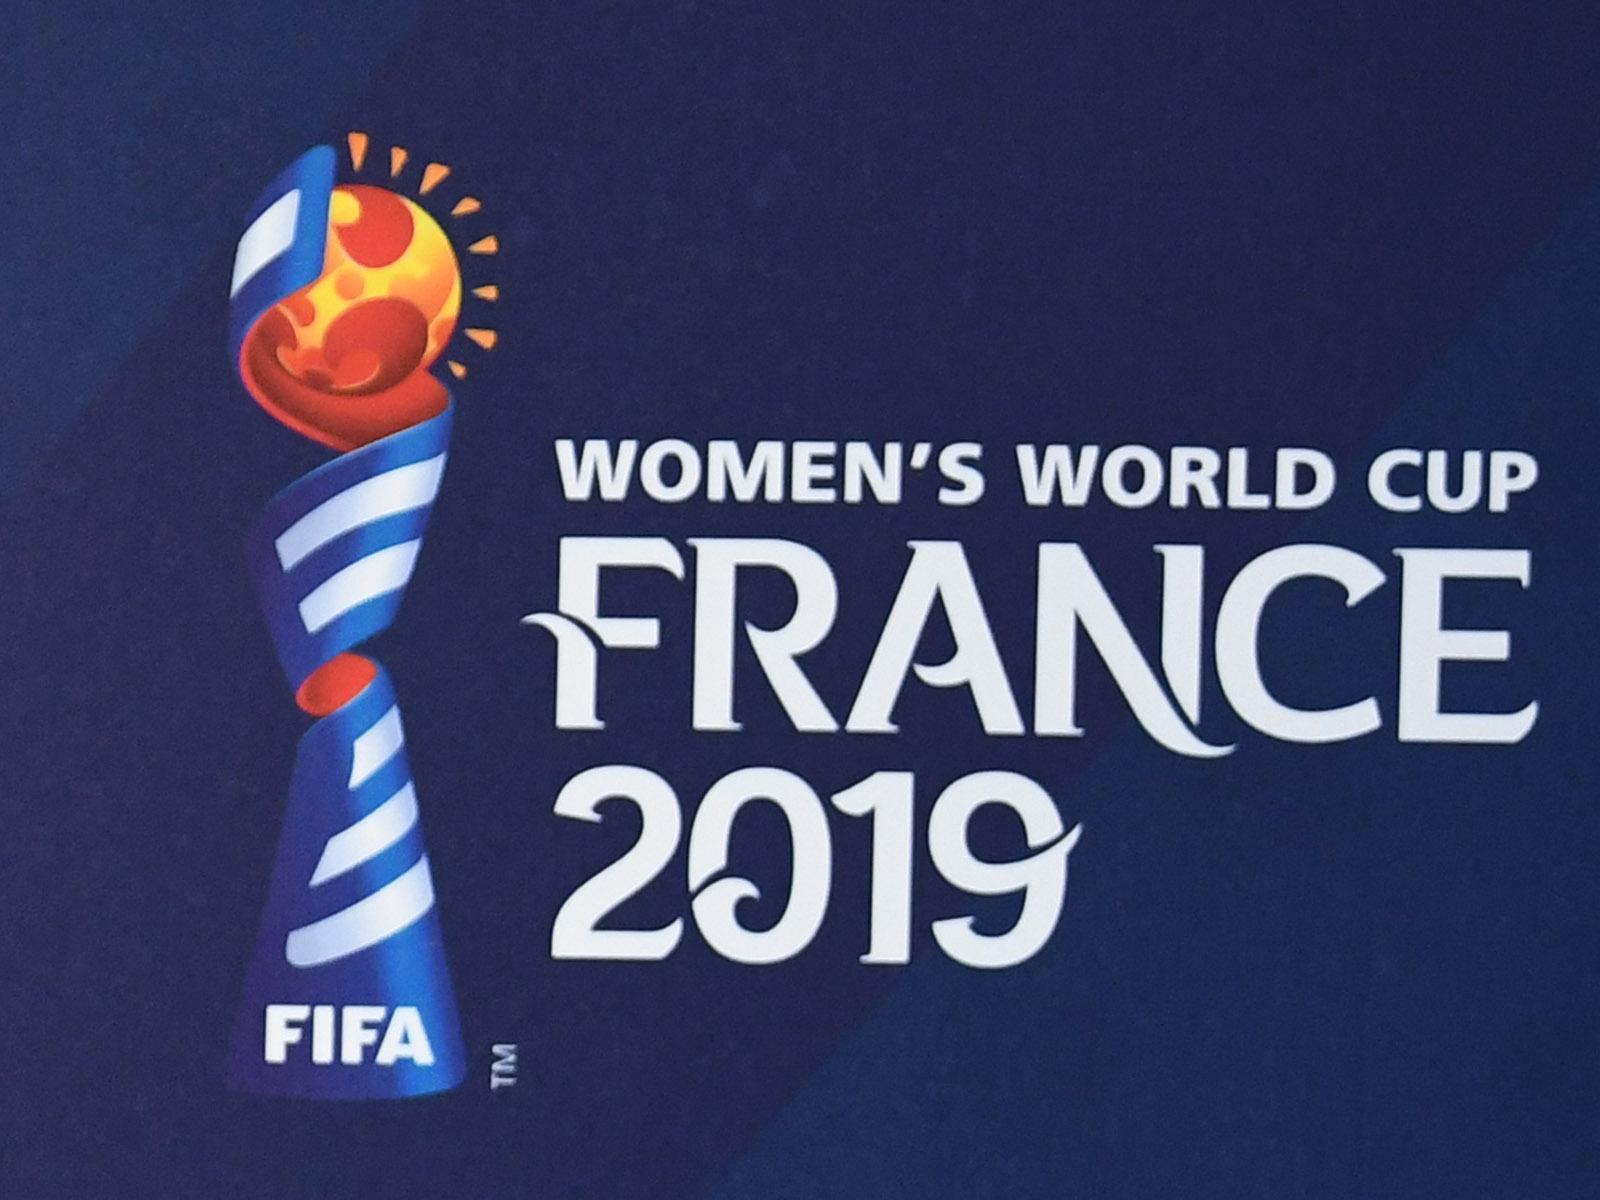 Hier finden Sie alle Informationen zur Übertragung der Fußball-WM der Frauen 2019 live im TV und Live-Stream.